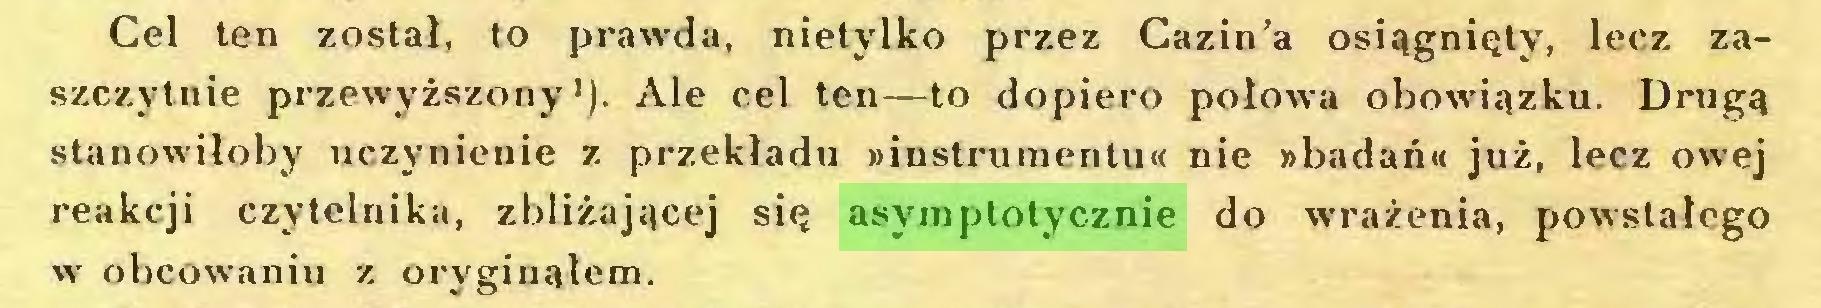 (...) Cel ten został, to prawda, nietylko przez Cazin'a osiągnięty, lecz zaszczytnie przewyższony1). Ale cel ten—to dopiero połowa obowiązku. Drugą stanowiłoby uczynienie z przekładu »instrumentu« nie »badań« już, lecz owej reakcji czytelnika, zbliżającej się asymptotycznie do wrażenia, powstałego w obcowaniu z oryginałem...